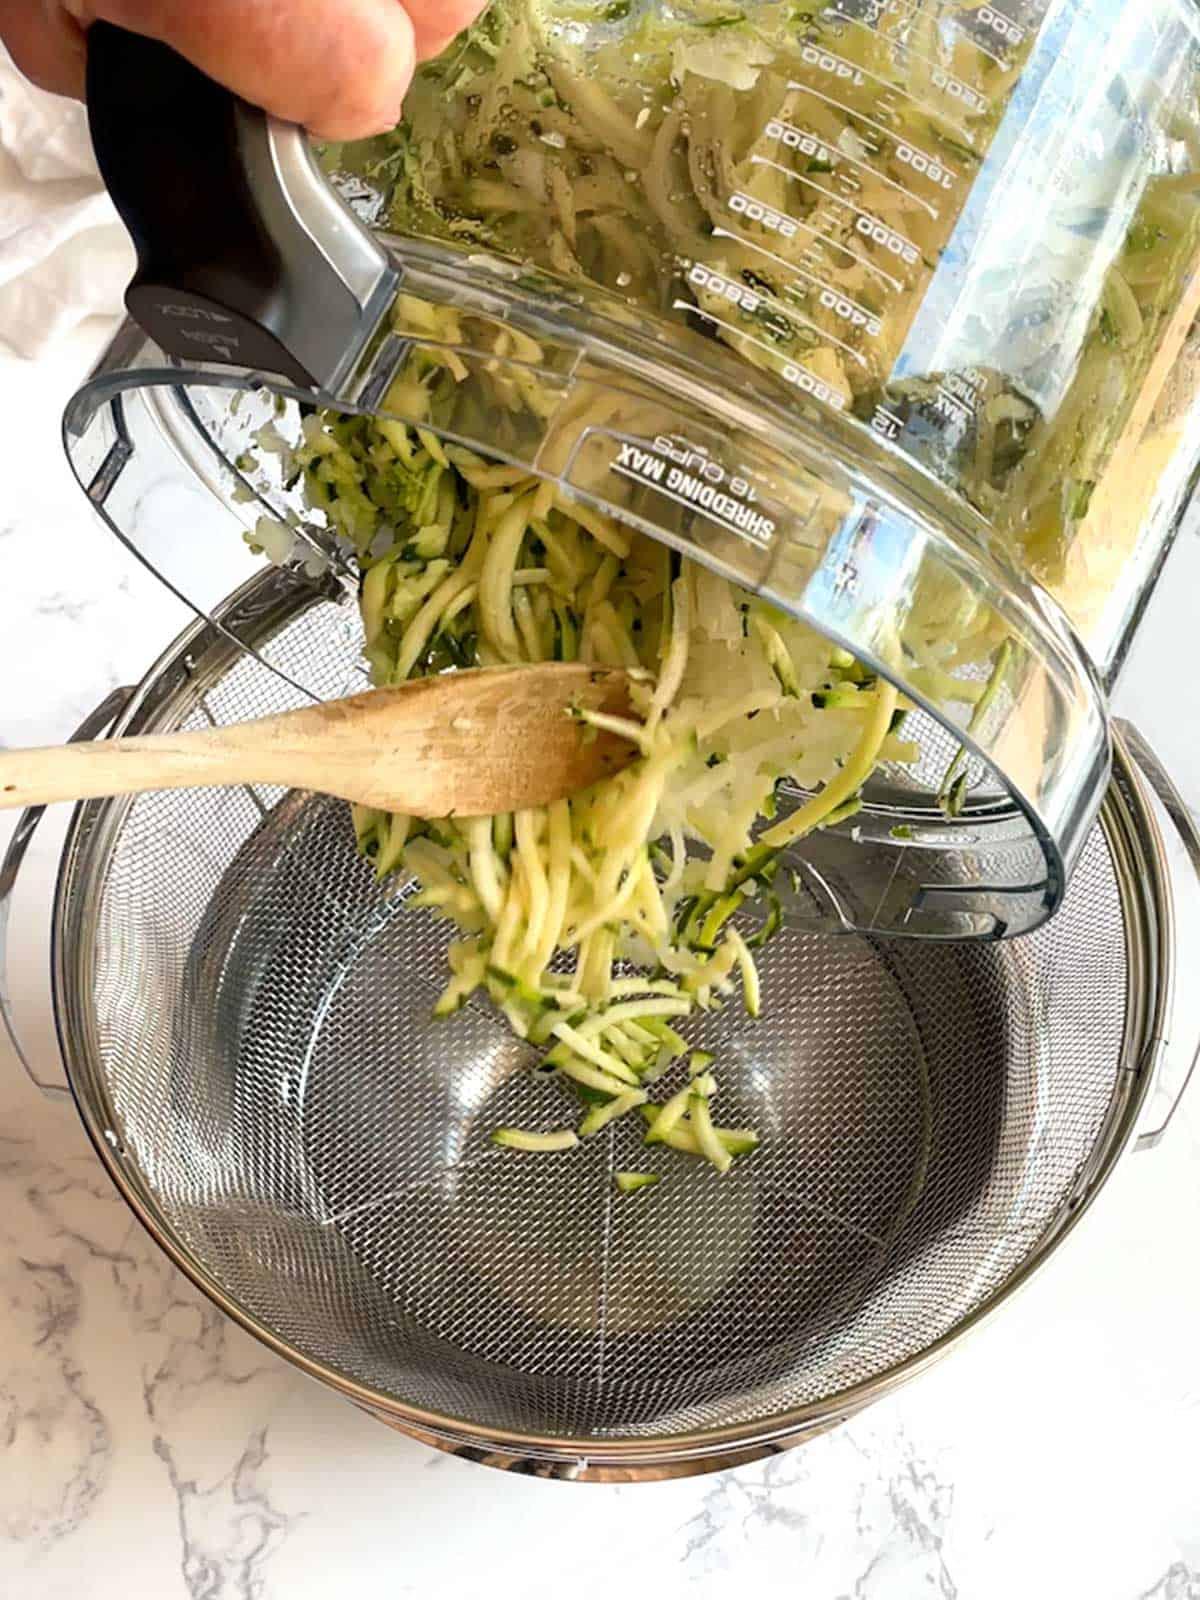 Transferring zucchini to wire mesh strainer.